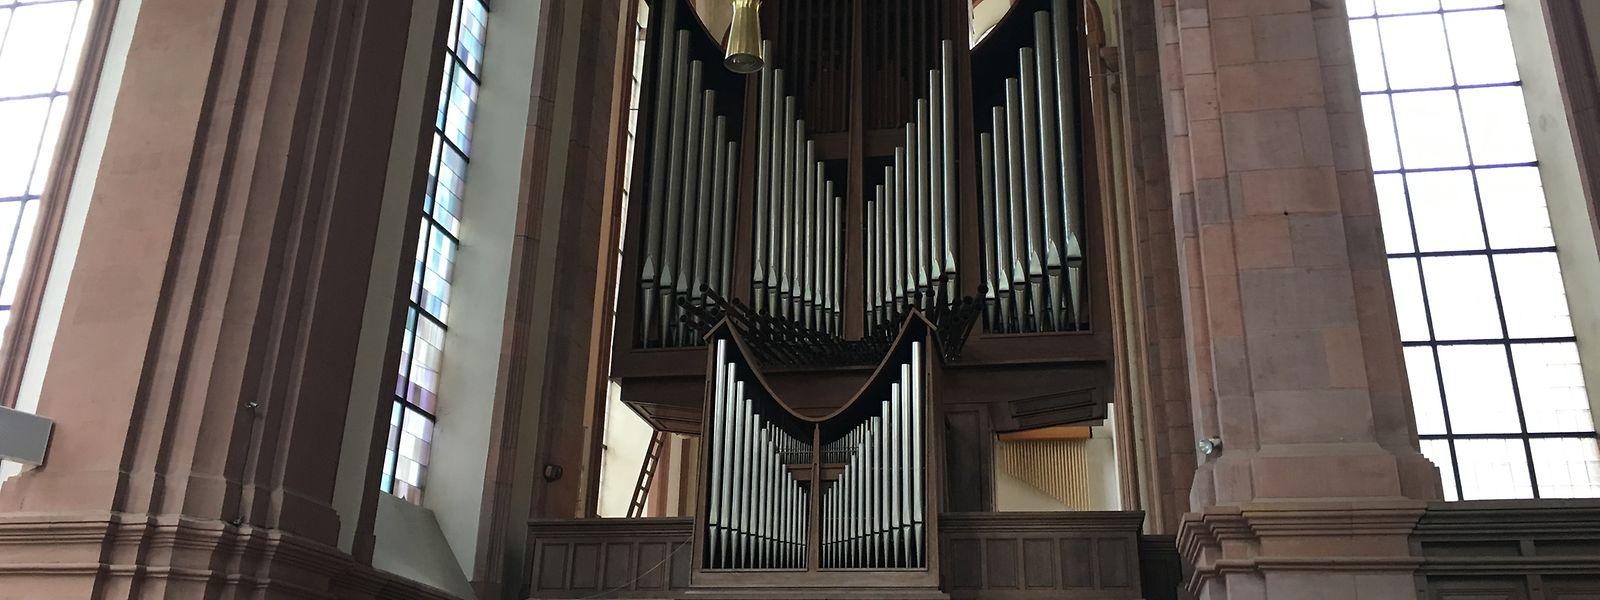 Die Klais-Orgel von 1962 ist nicht beschädigt - aber durch die Rauchentwicklung verrußt.